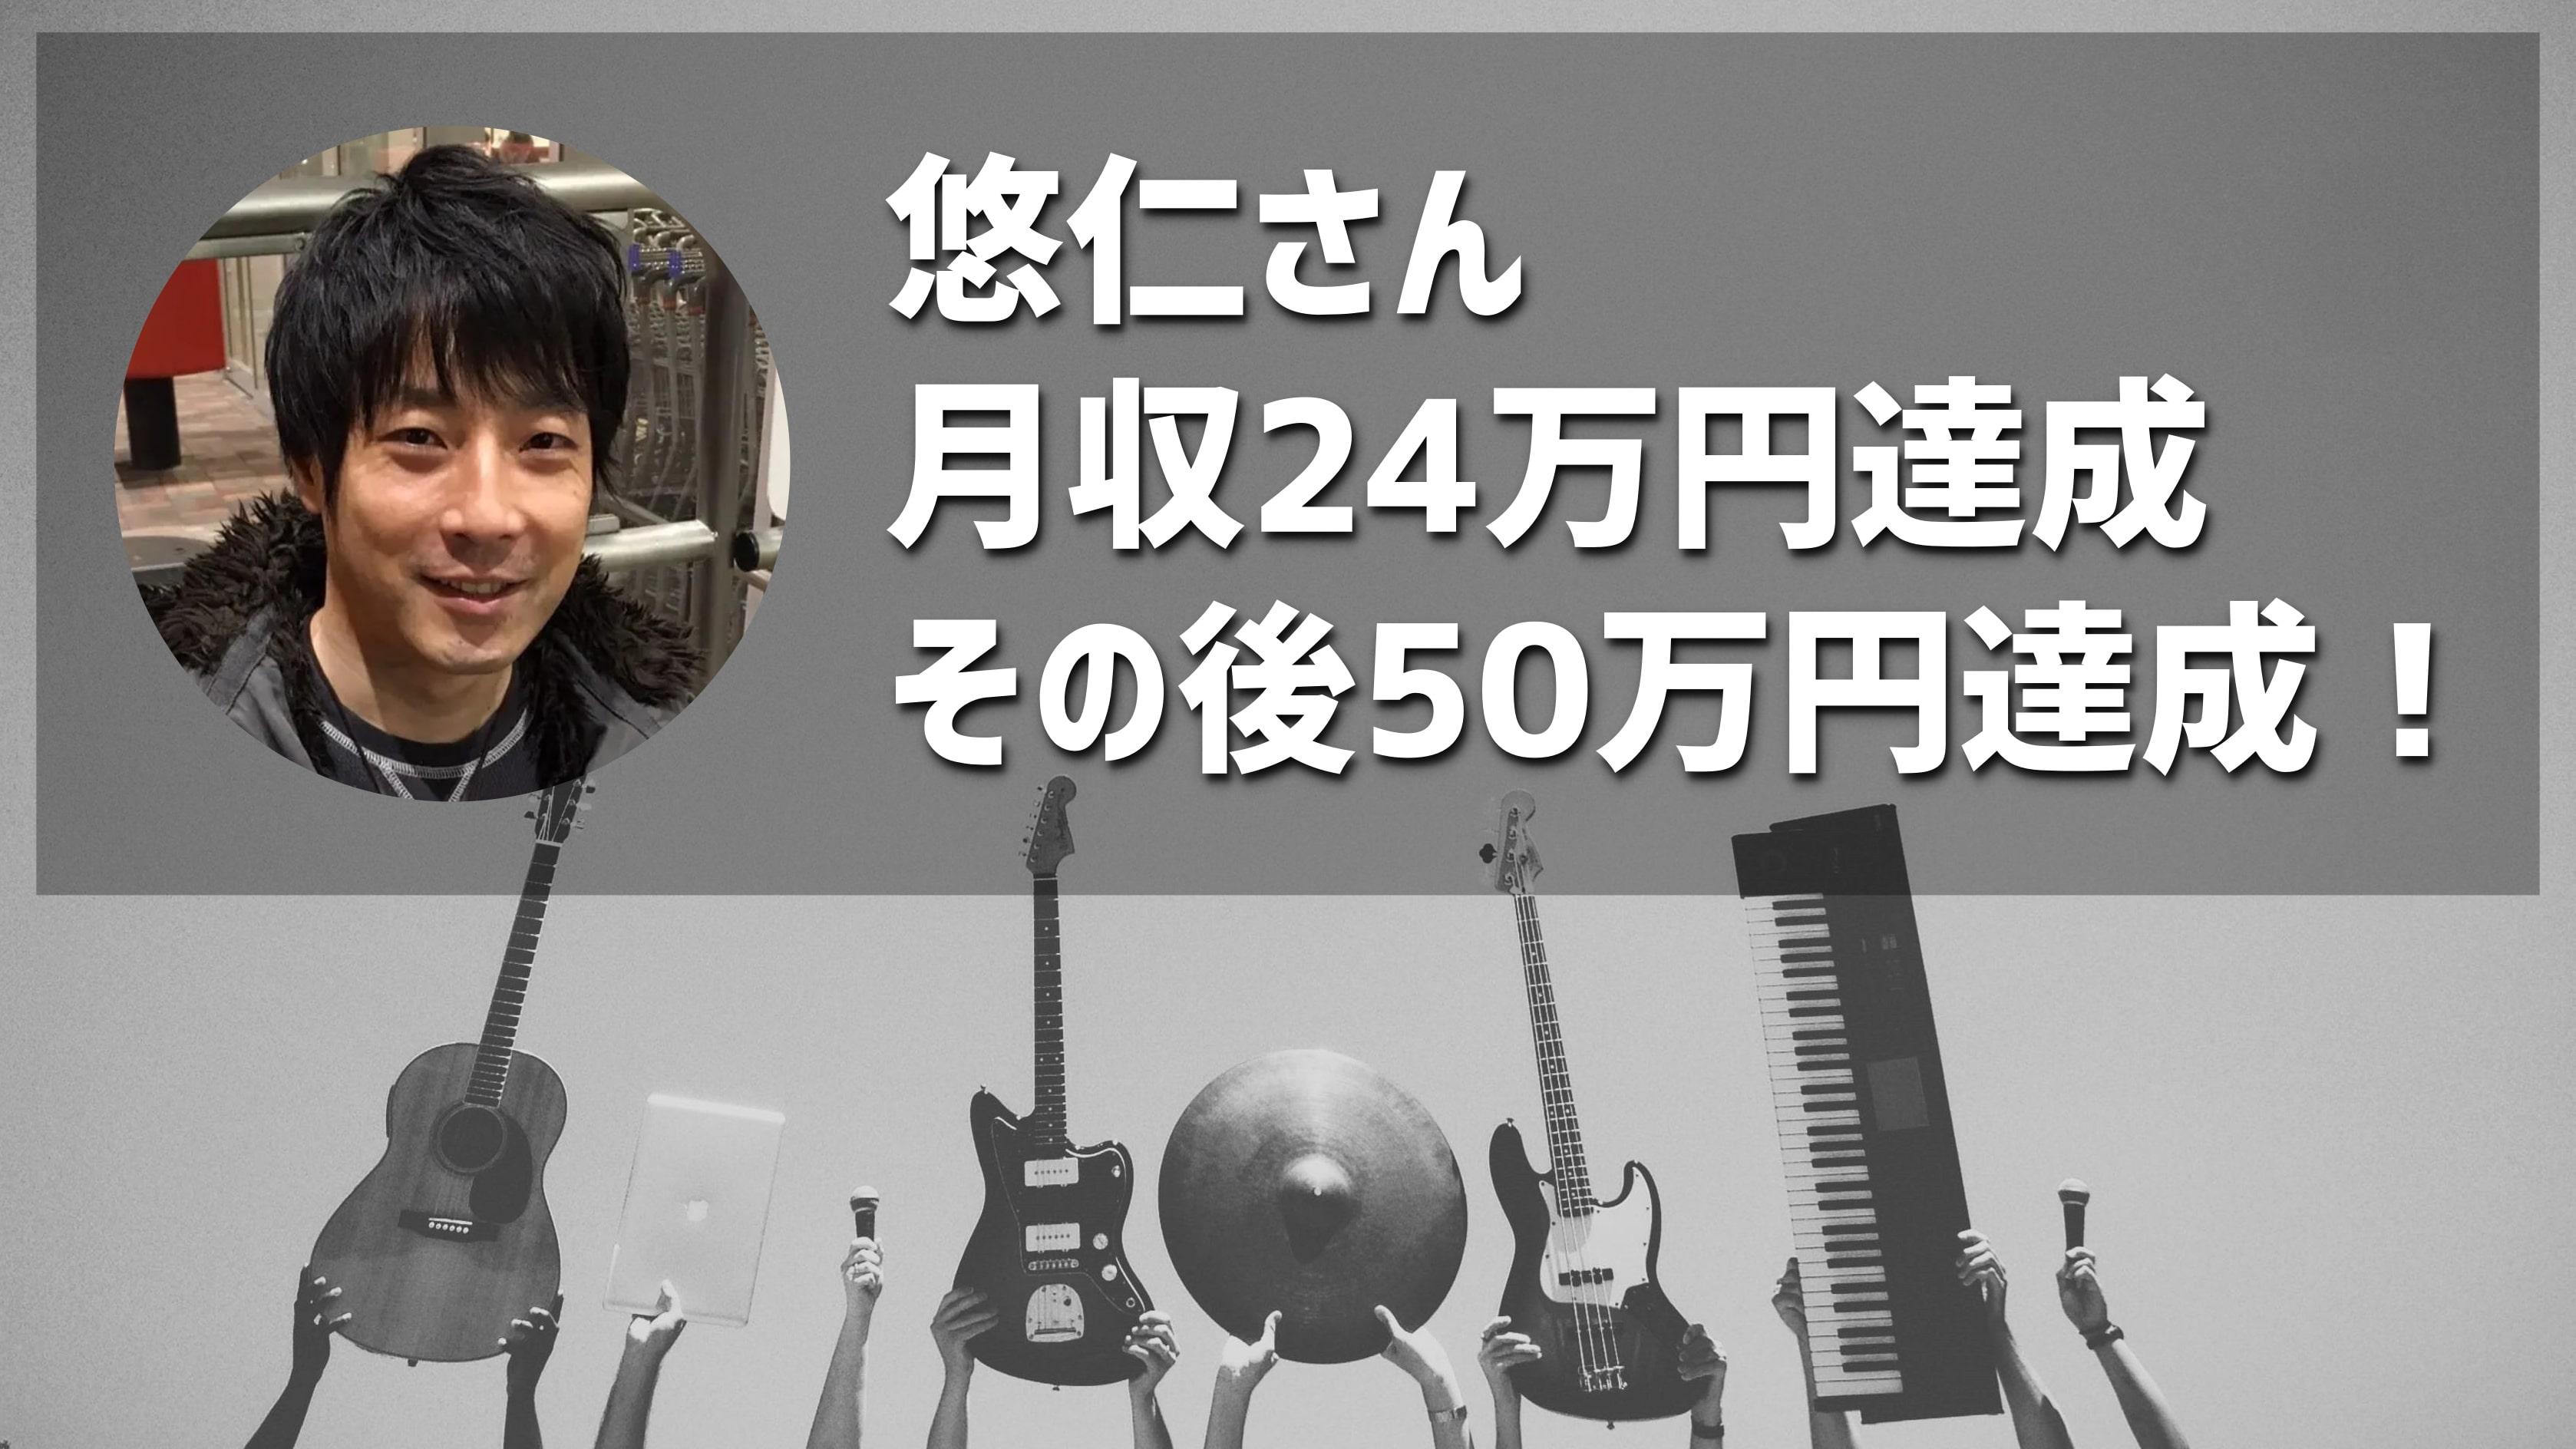 【物販コンサル】悠仁さんが月収24万達成後、更に月収50万円達成!おめでとうございます!